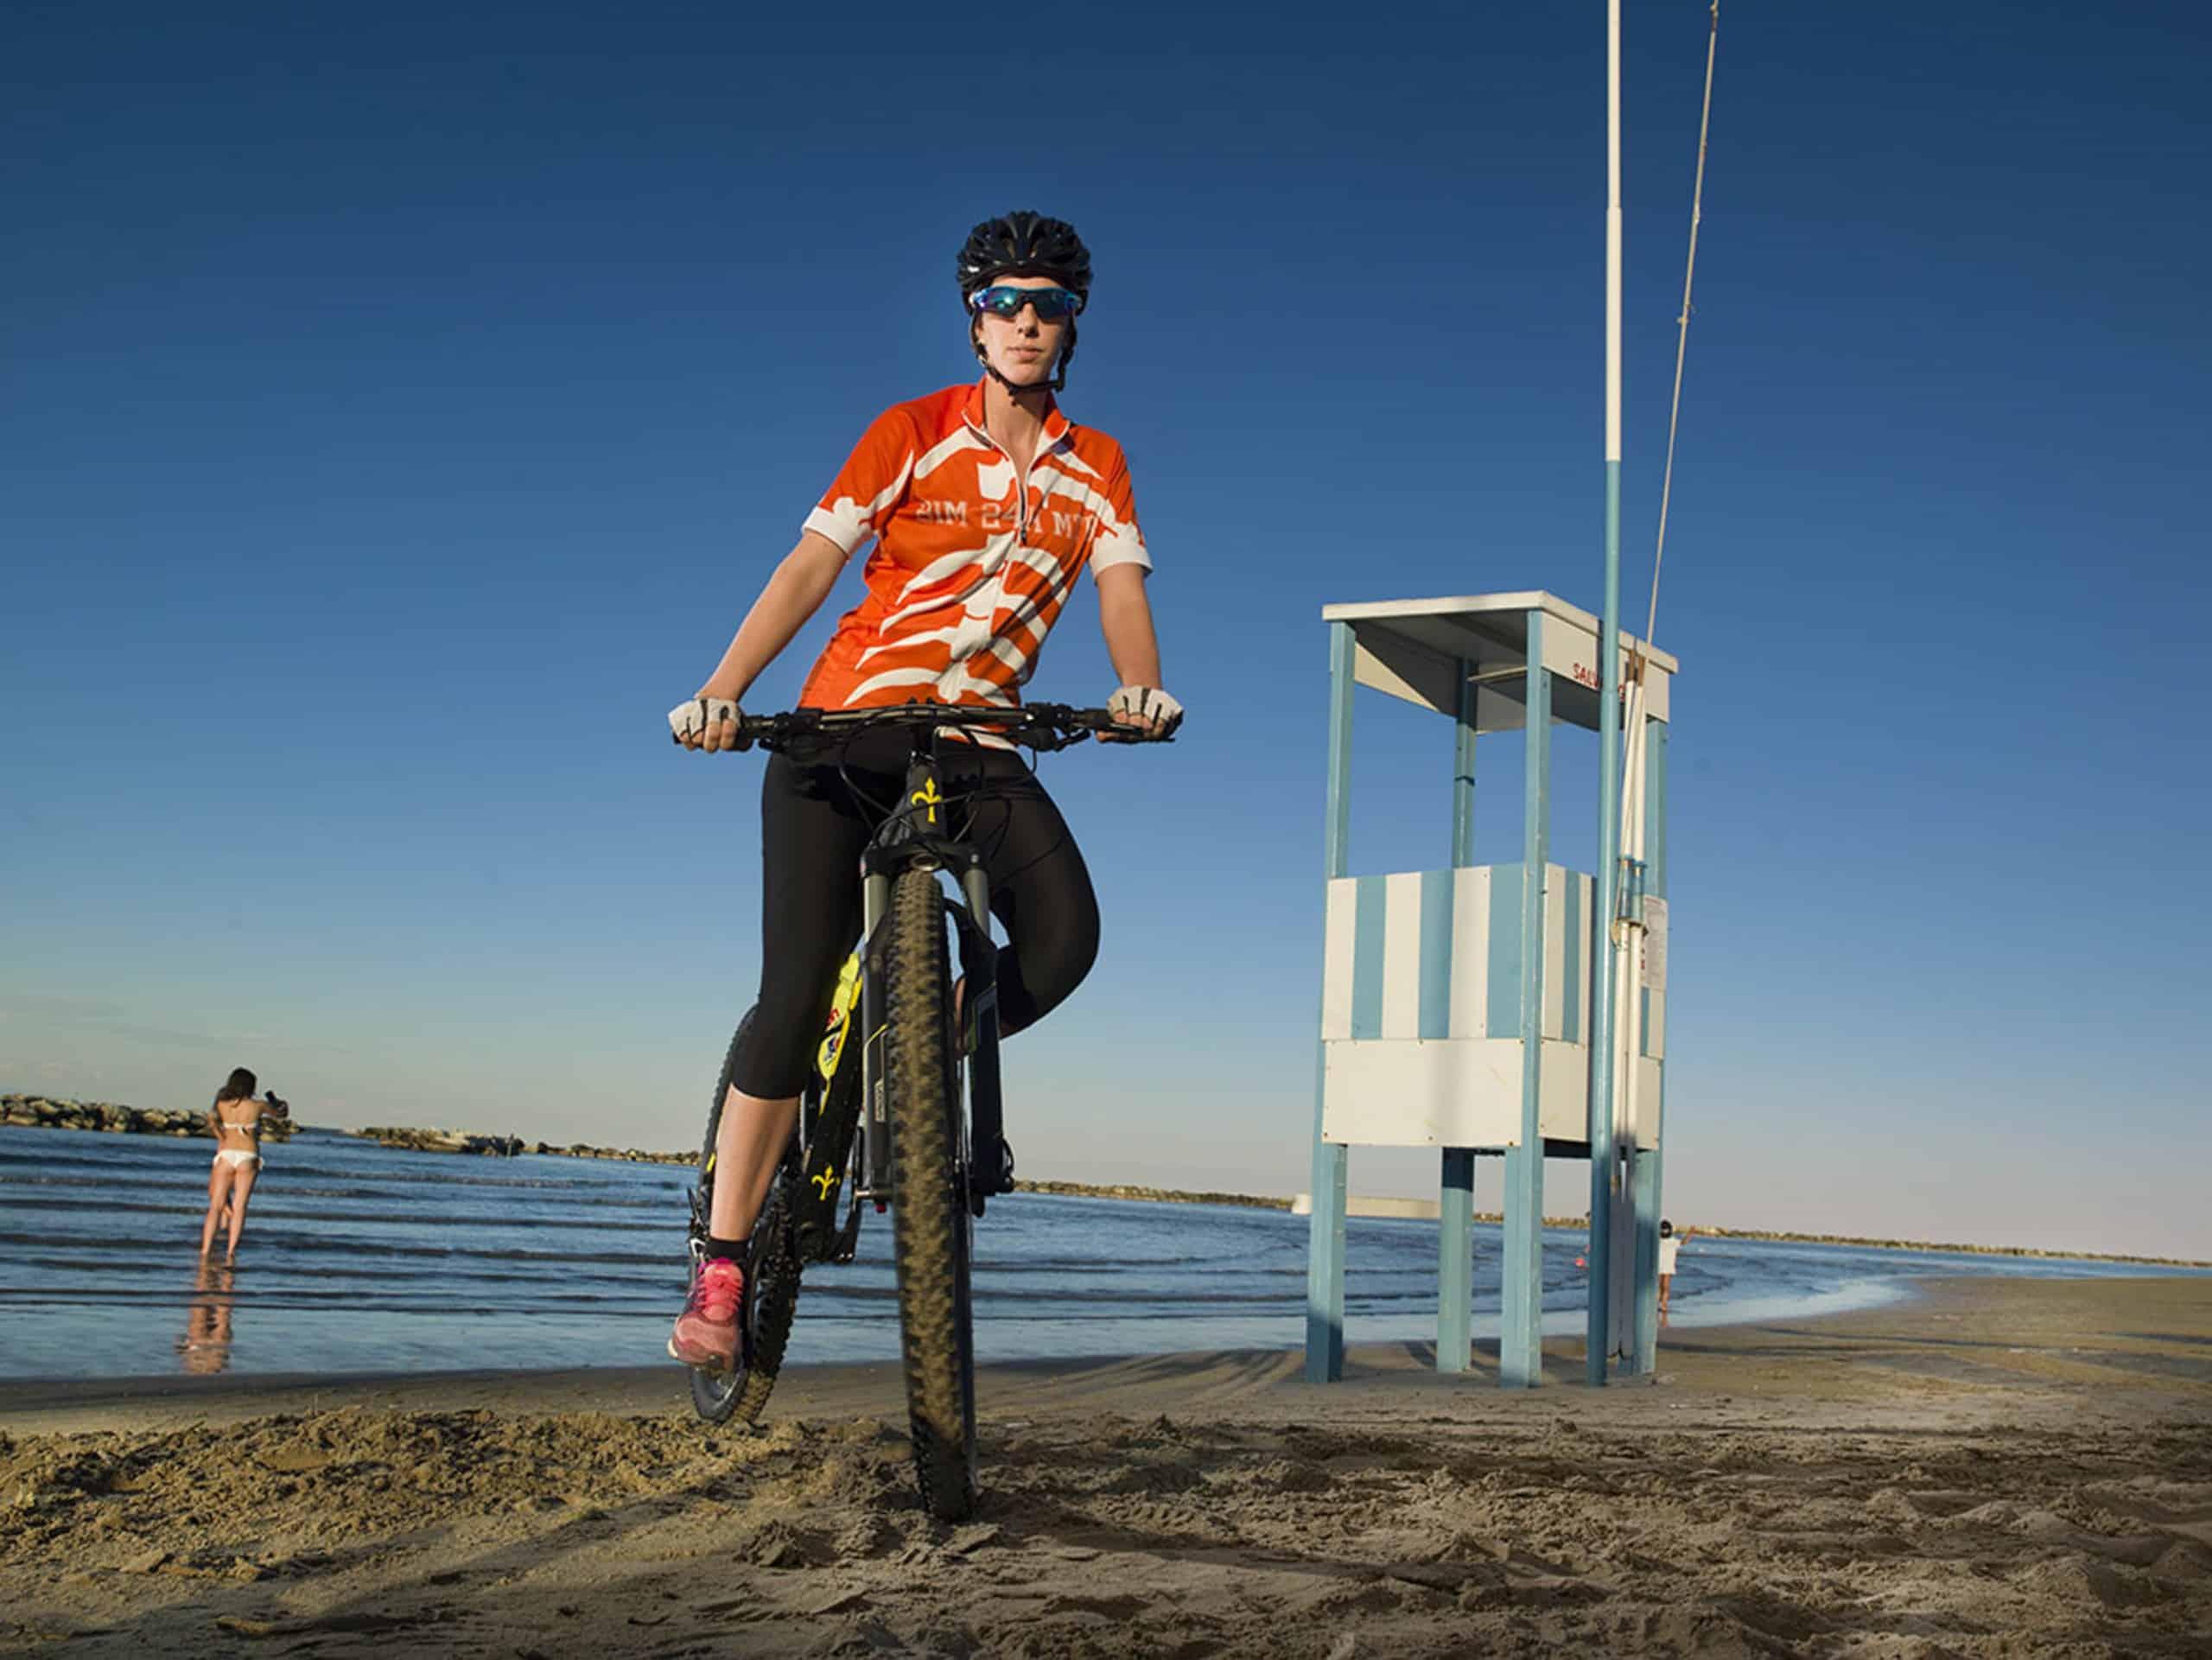 bellaria bici